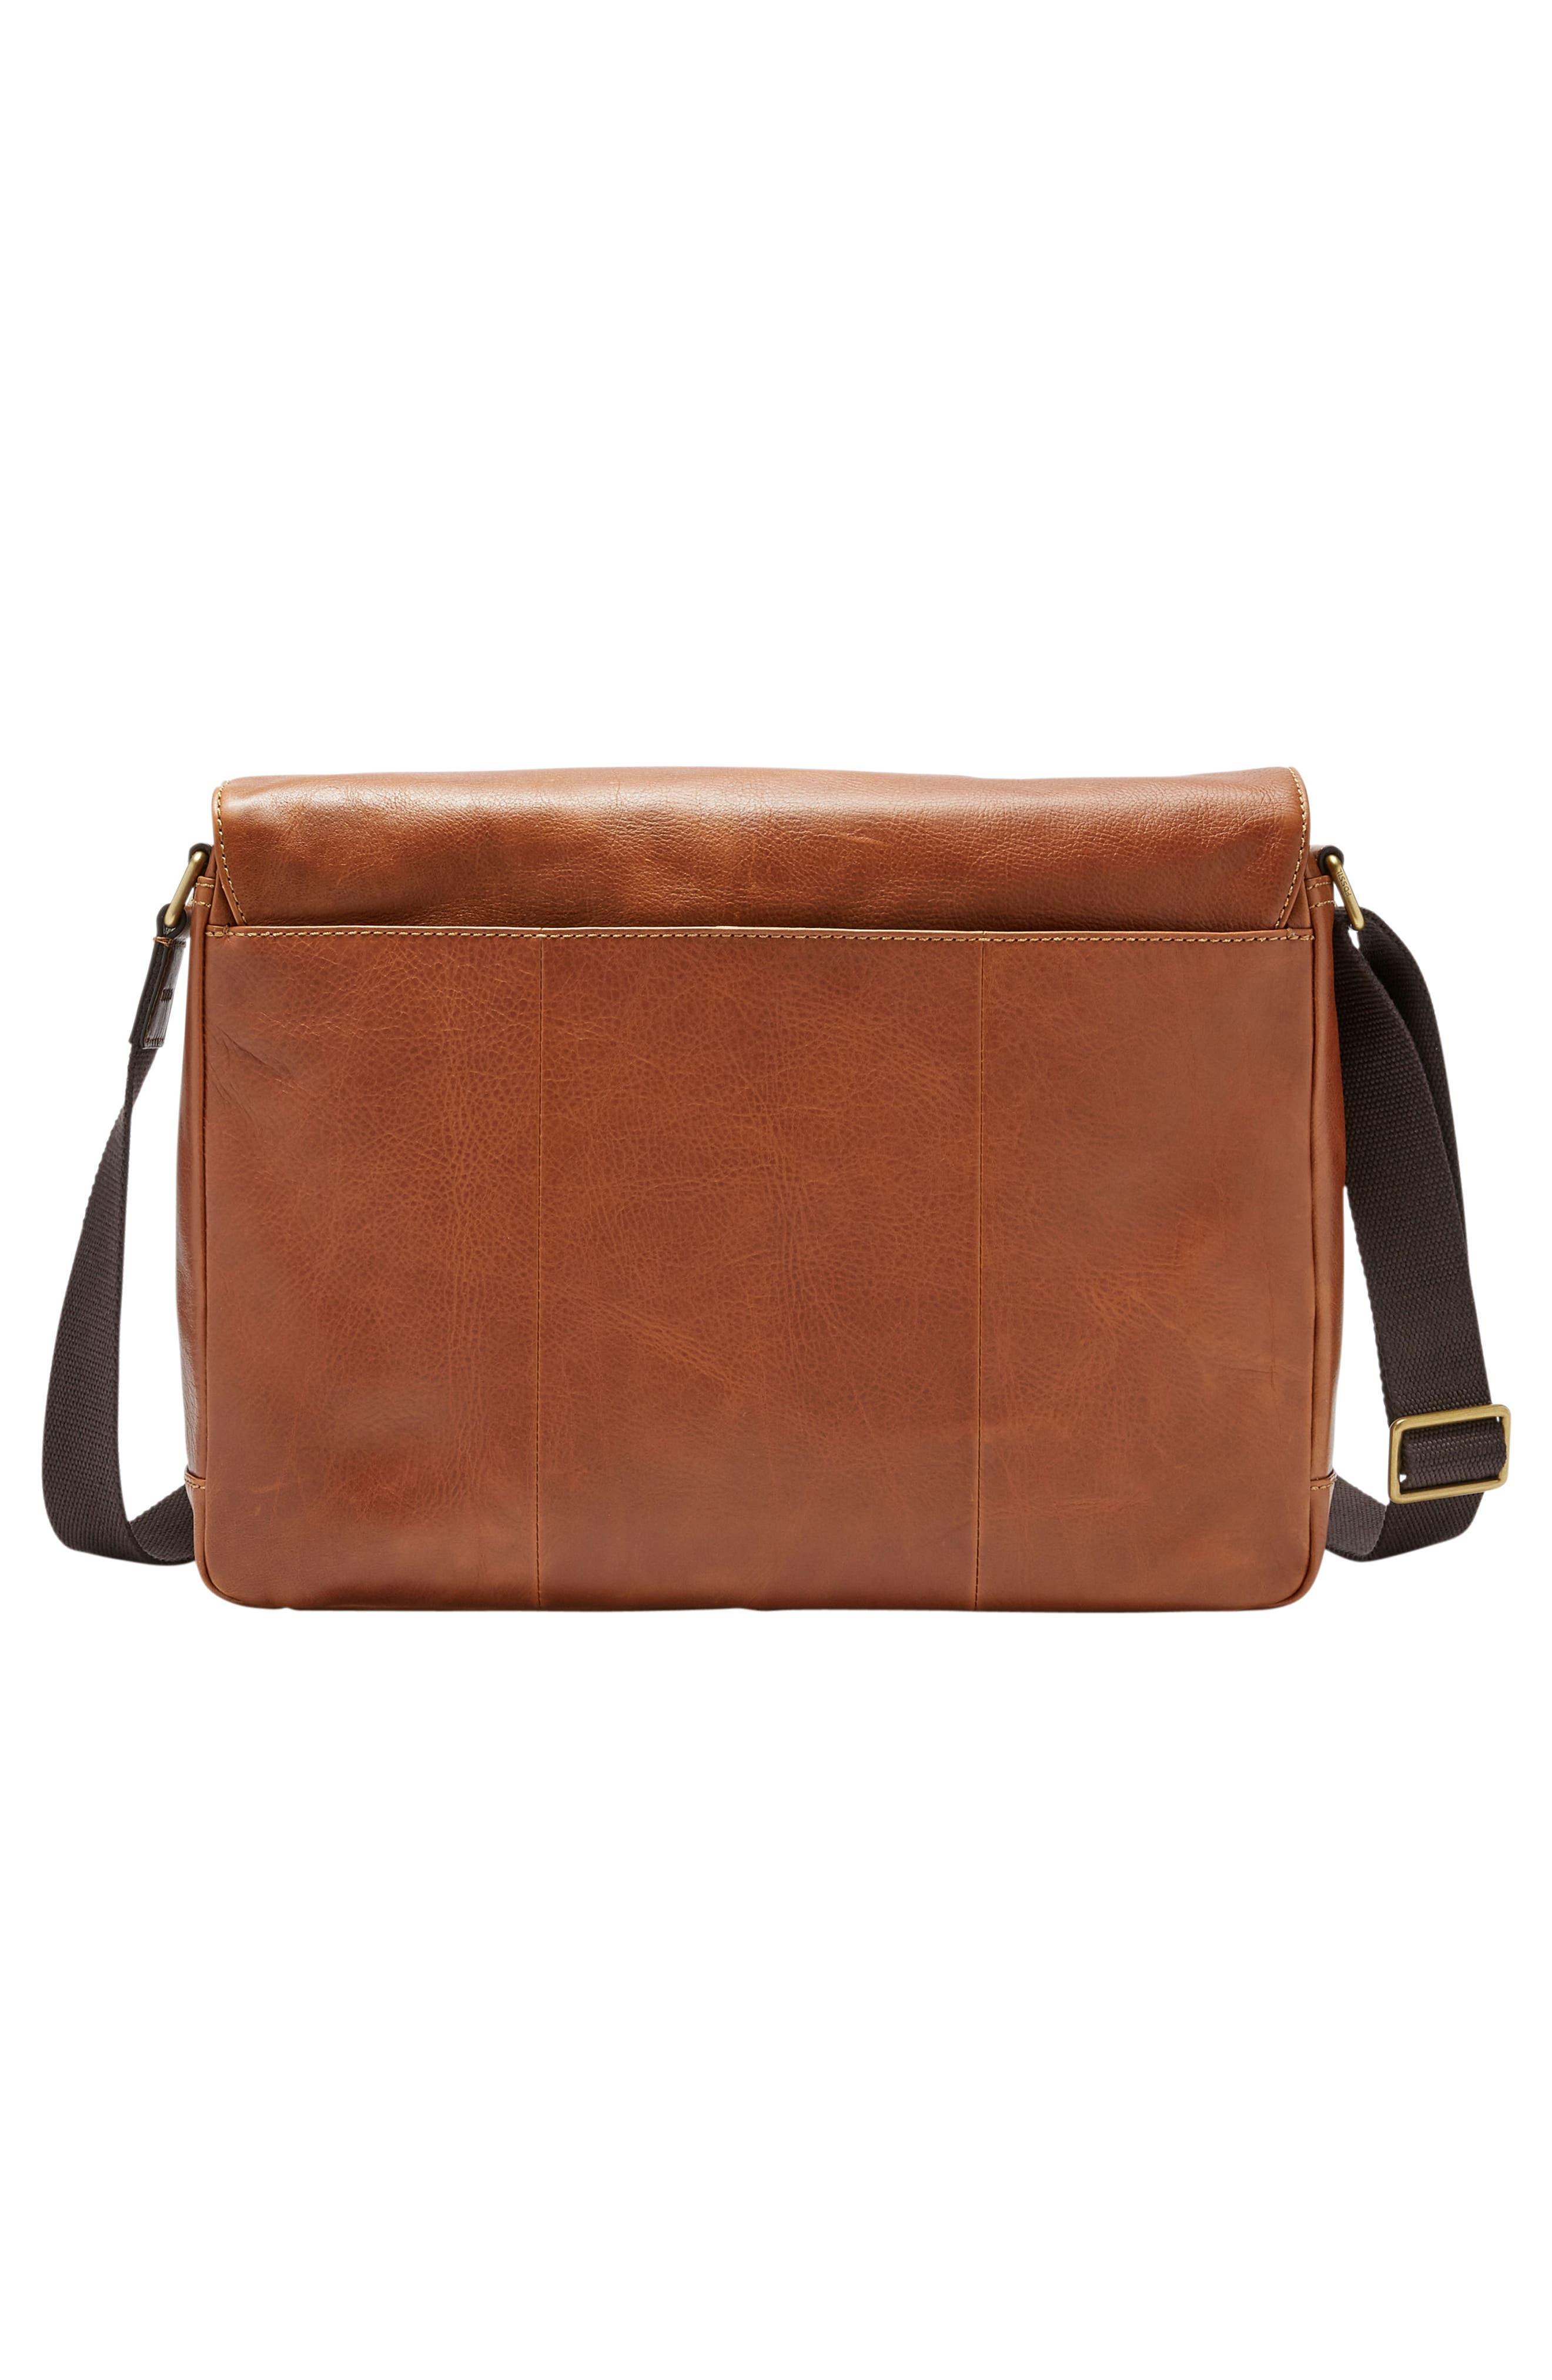 'Defender' Leather Messenger Bag,                             Alternate thumbnail 2, color,                             202